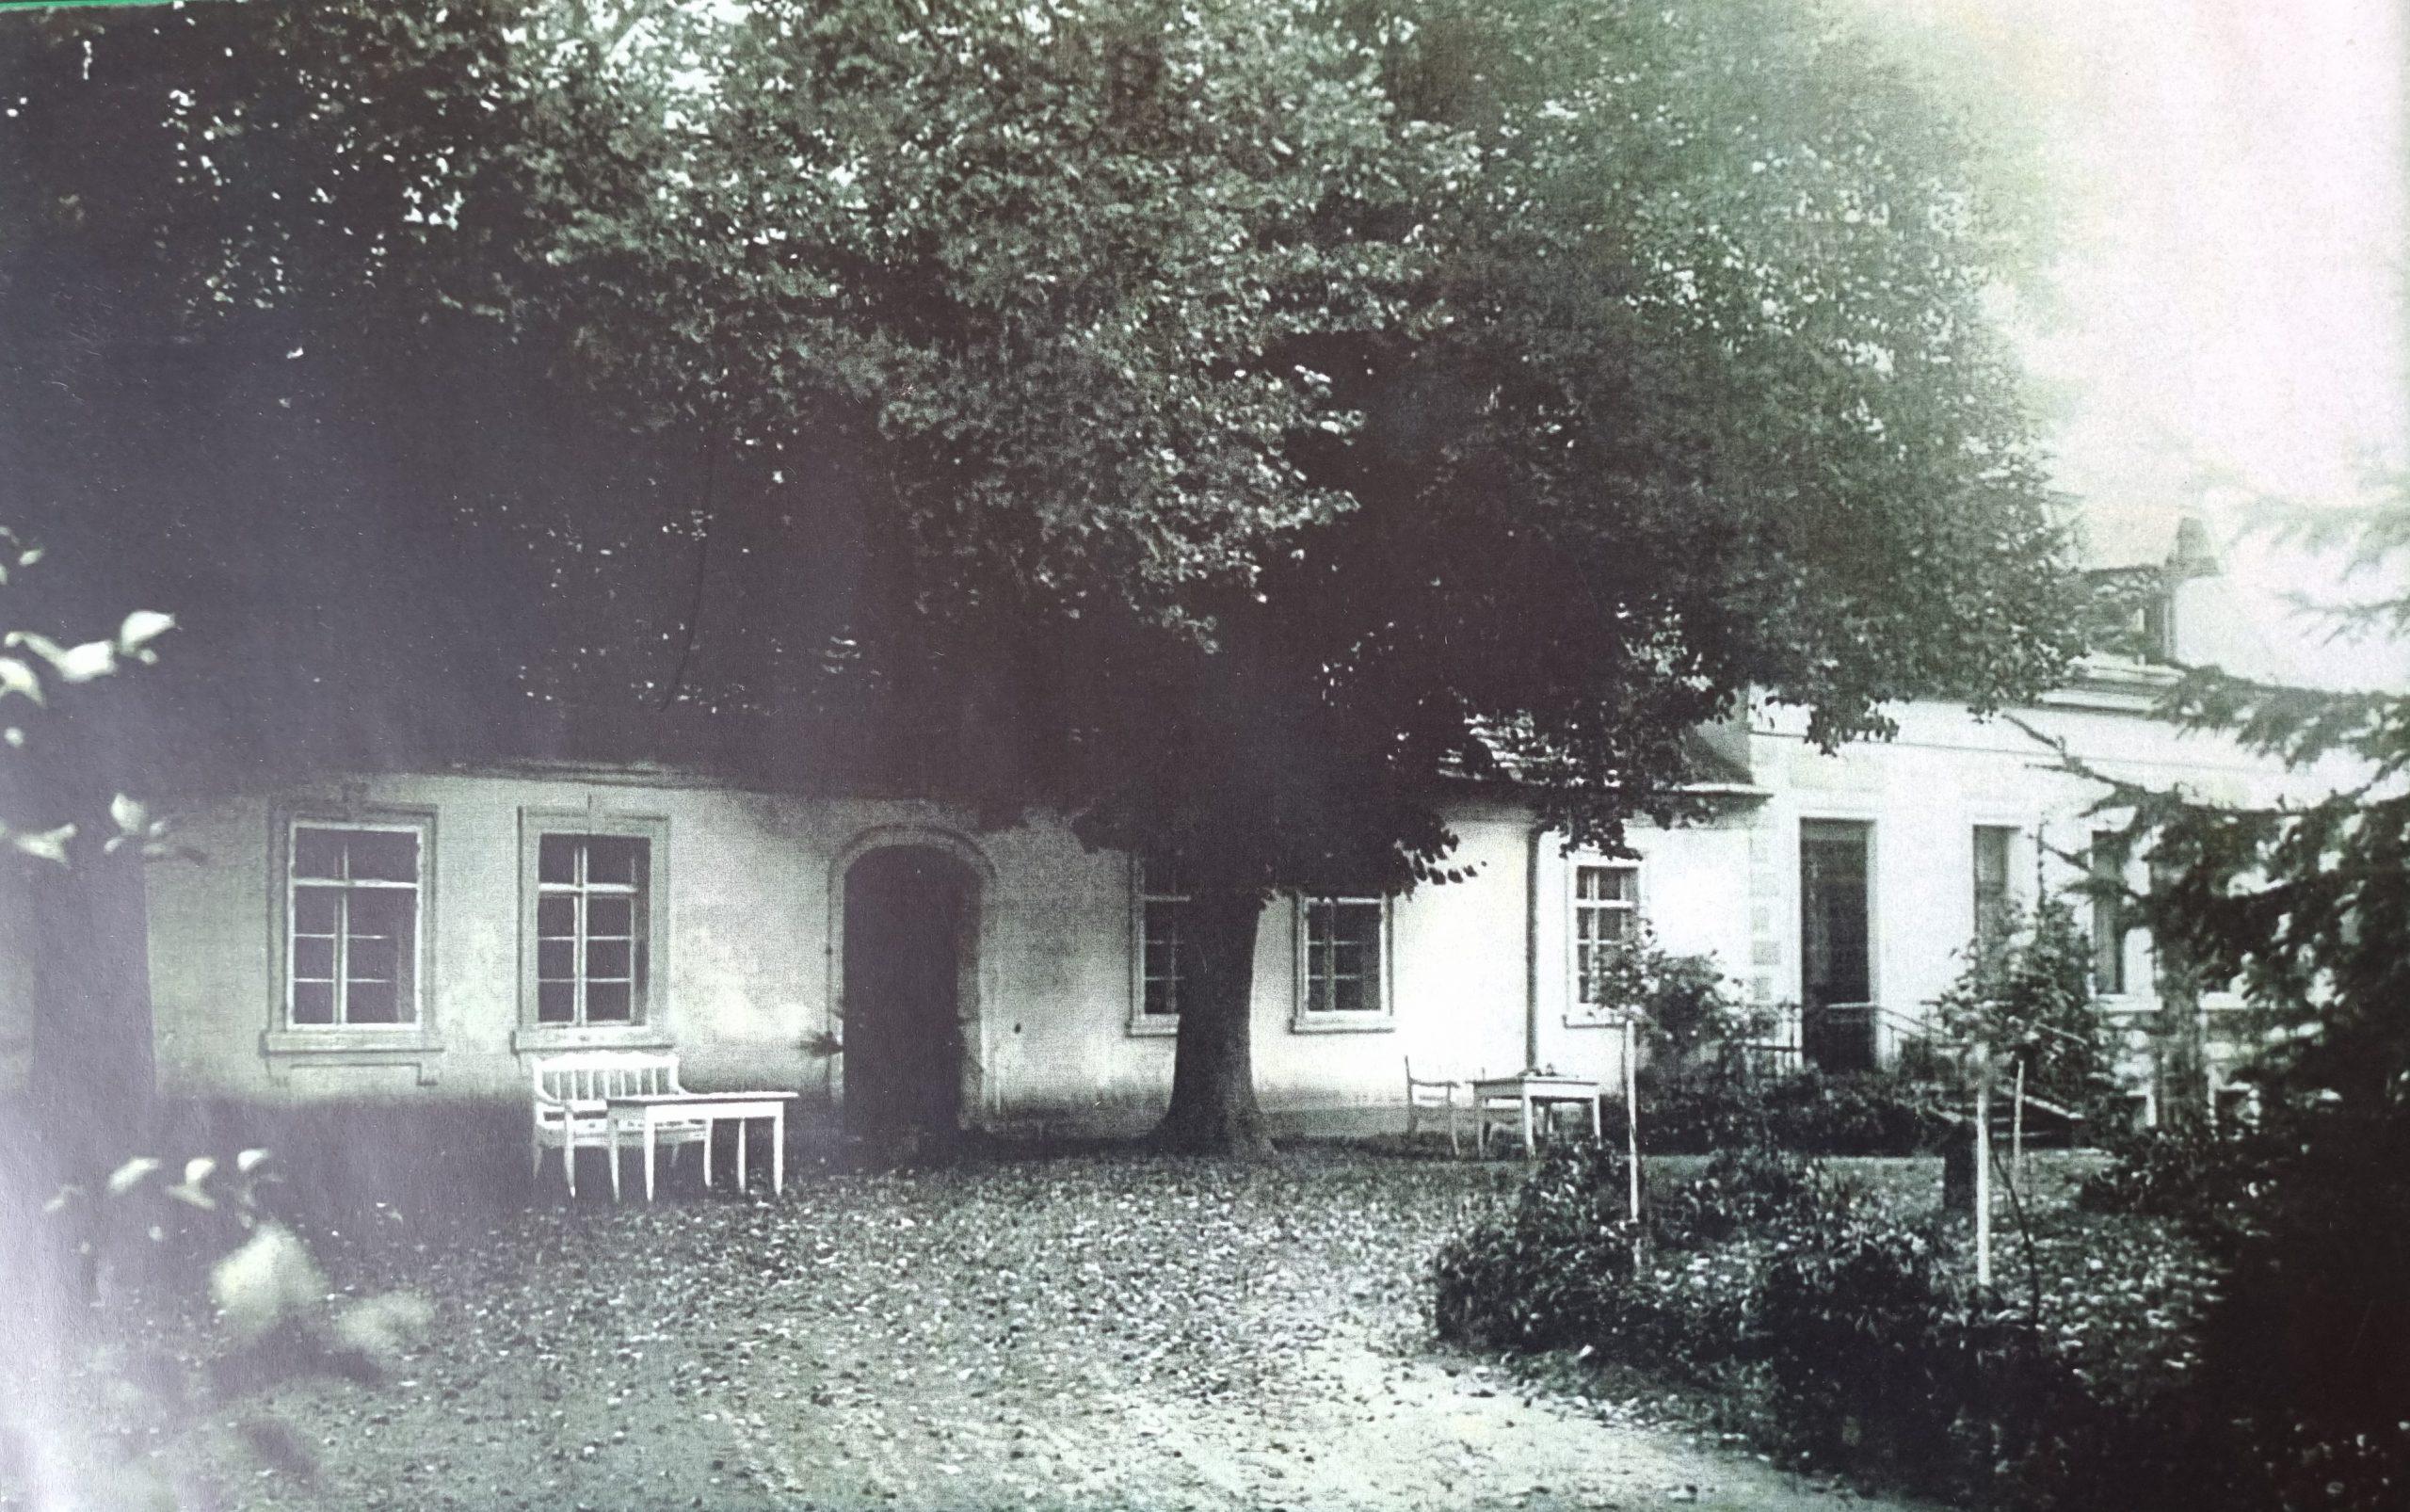 najstarsza, srodkowa czesc dworu ok. 1914